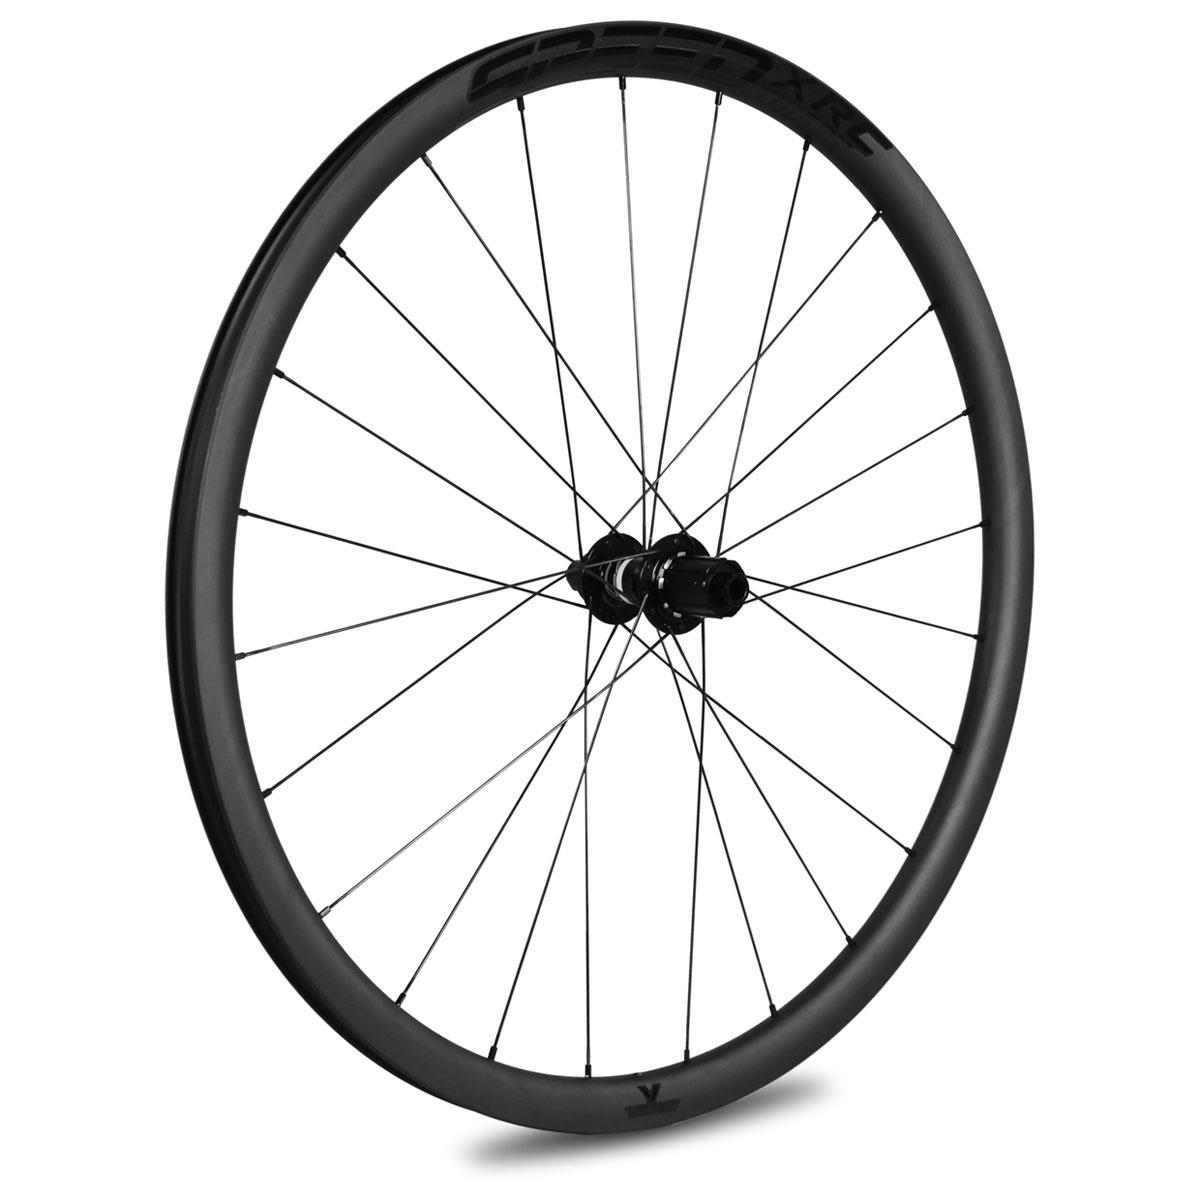 Veltec Speed XCR 30 Disc Carbon Hinterrad - Drahtreifen - 12x142mm - SRAM XDR - schwarz mit schwarzen Decals